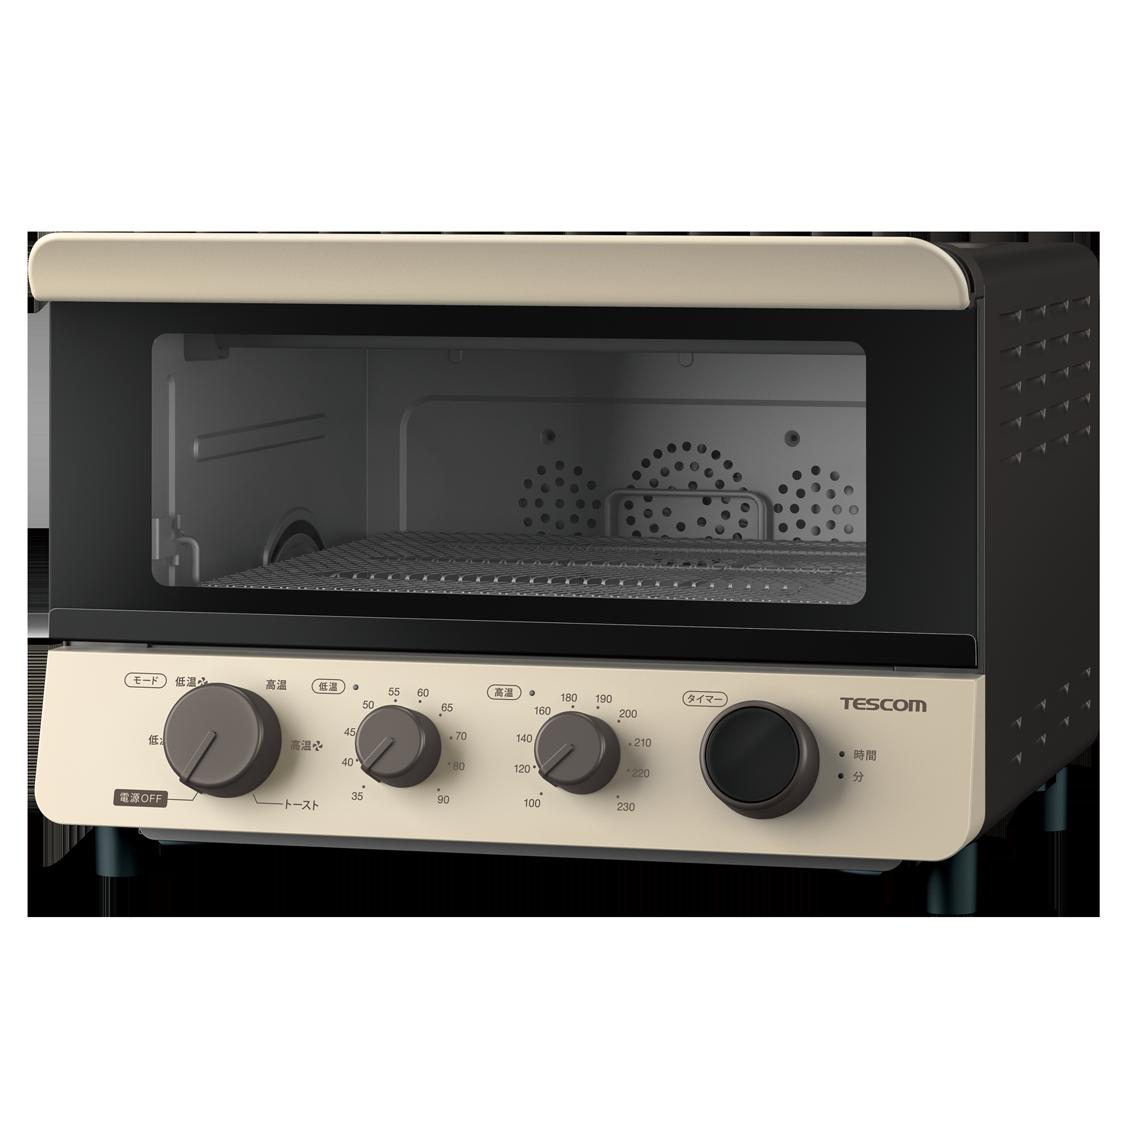 テスコム「低温コンベクションオーブン・TSF601」